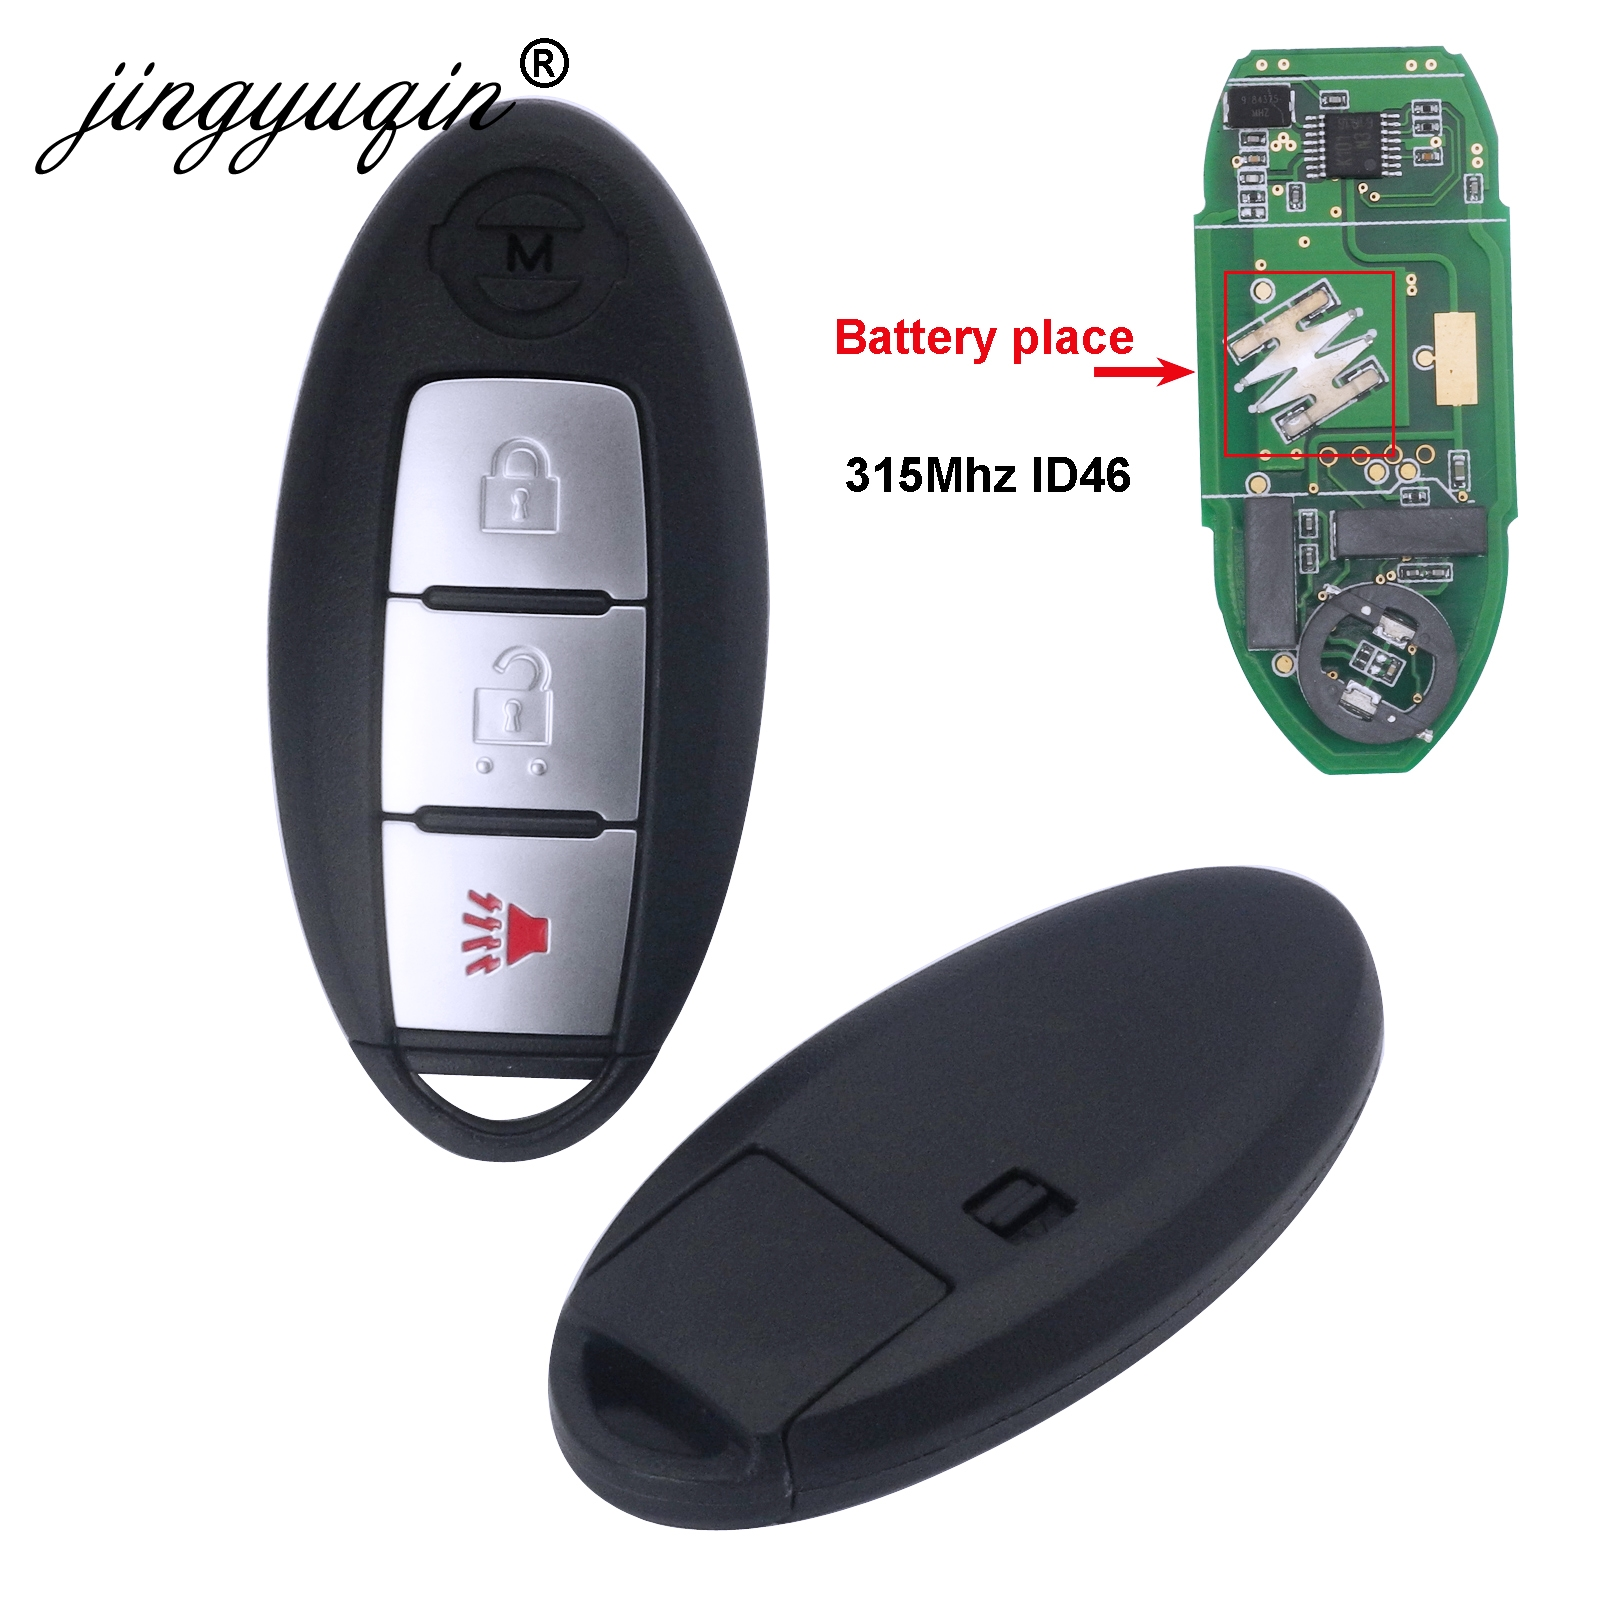 Clé de voiture intelligente jingyuqin 315MHz ID46 puce pour NISSAN March ensoleillé Tiida Livina Sylphy Altima Maxima 3 boutons porte-clés